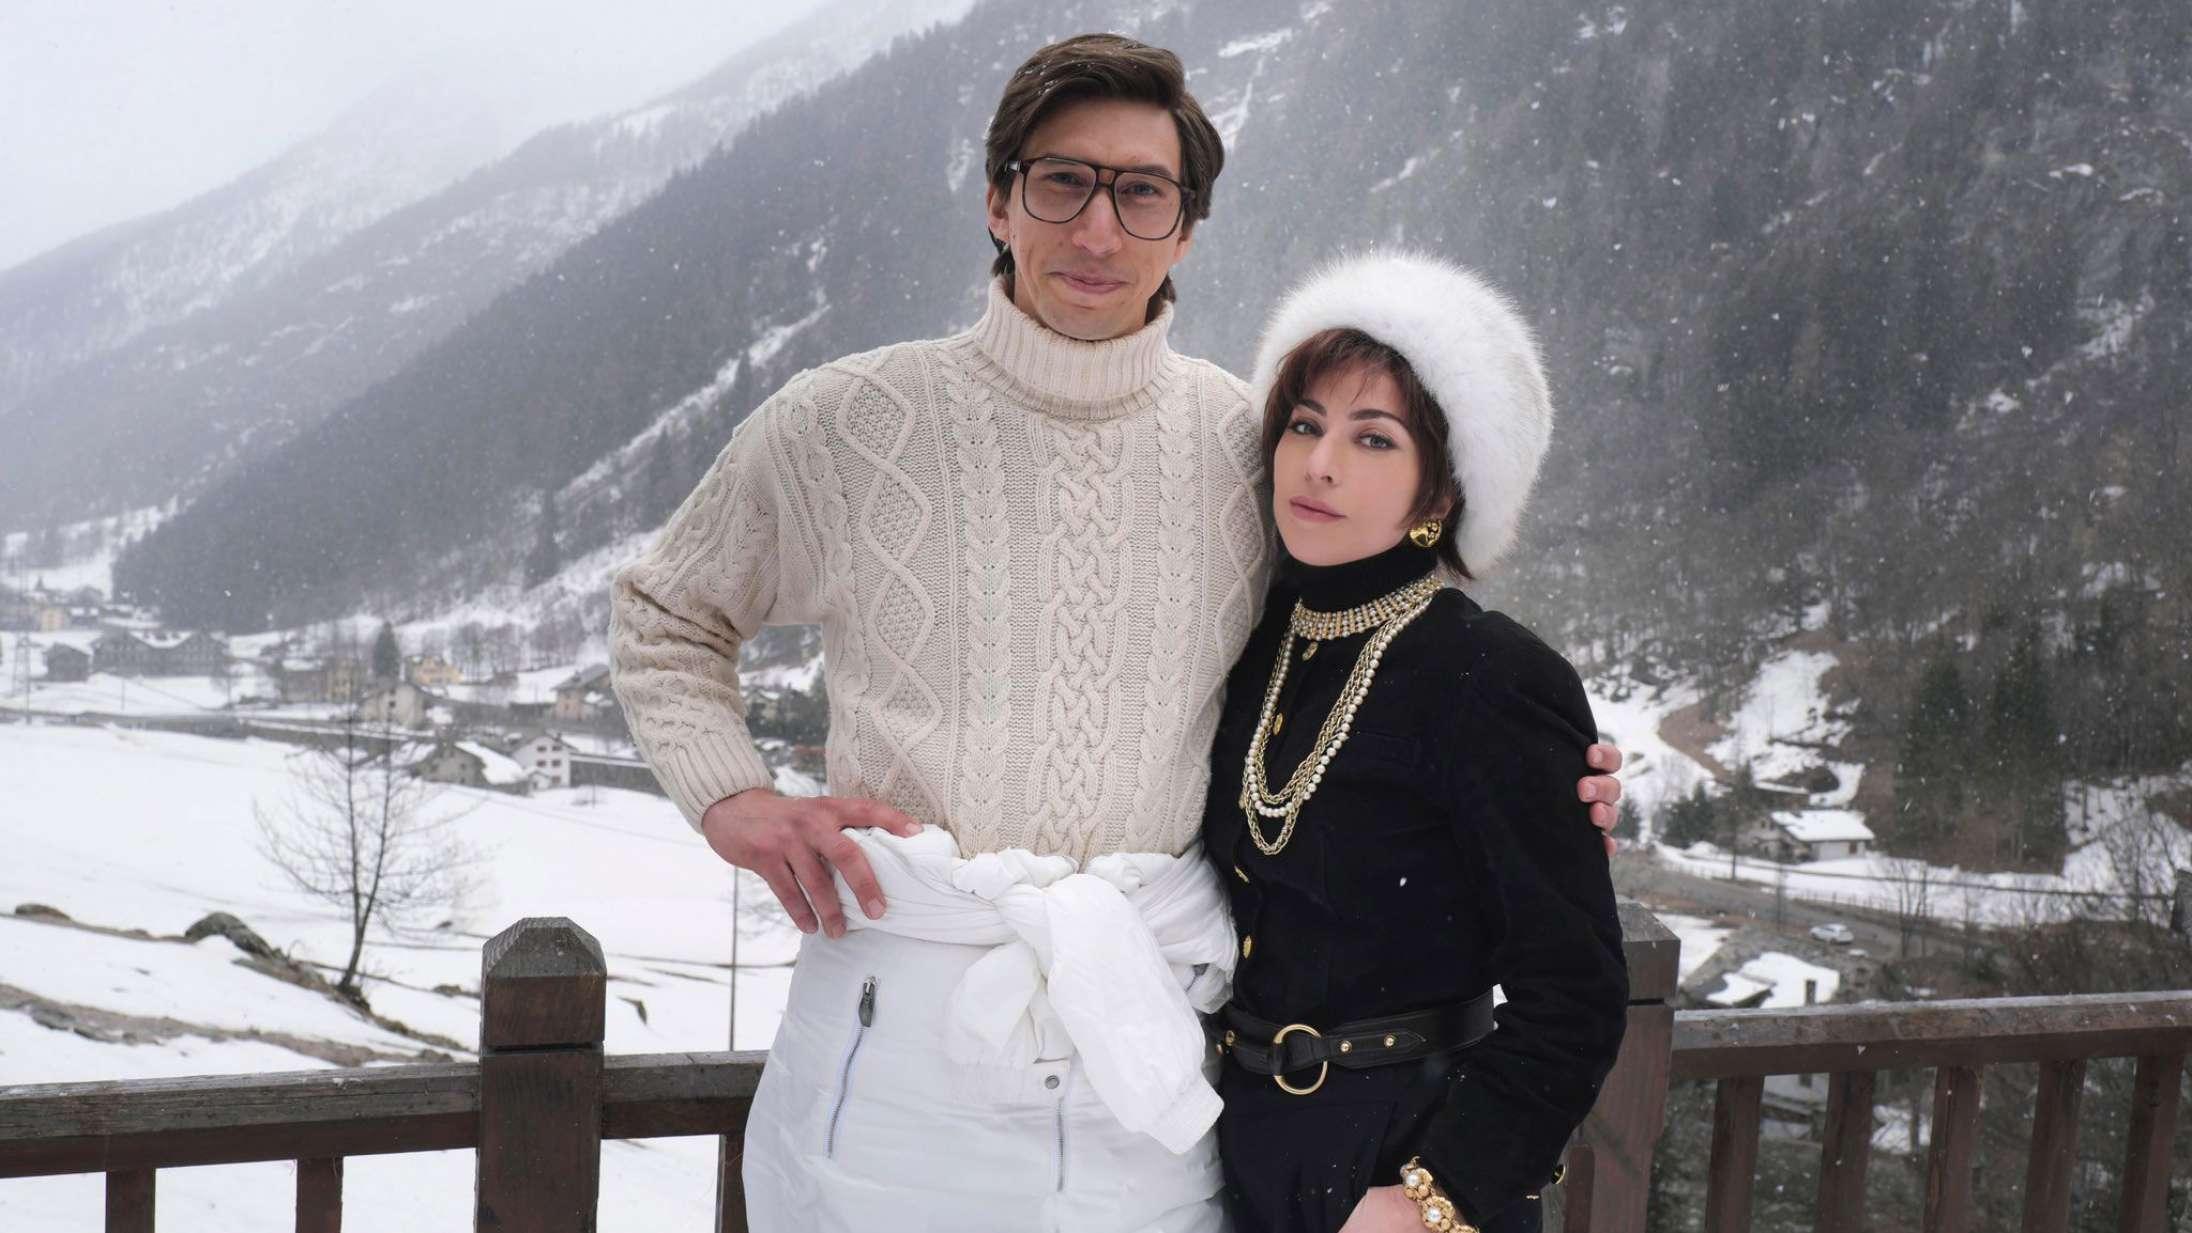 Gucci-familien langer hårdt ud efter Ridley Scotts kommende film med Adam Driver og Lady Gaga